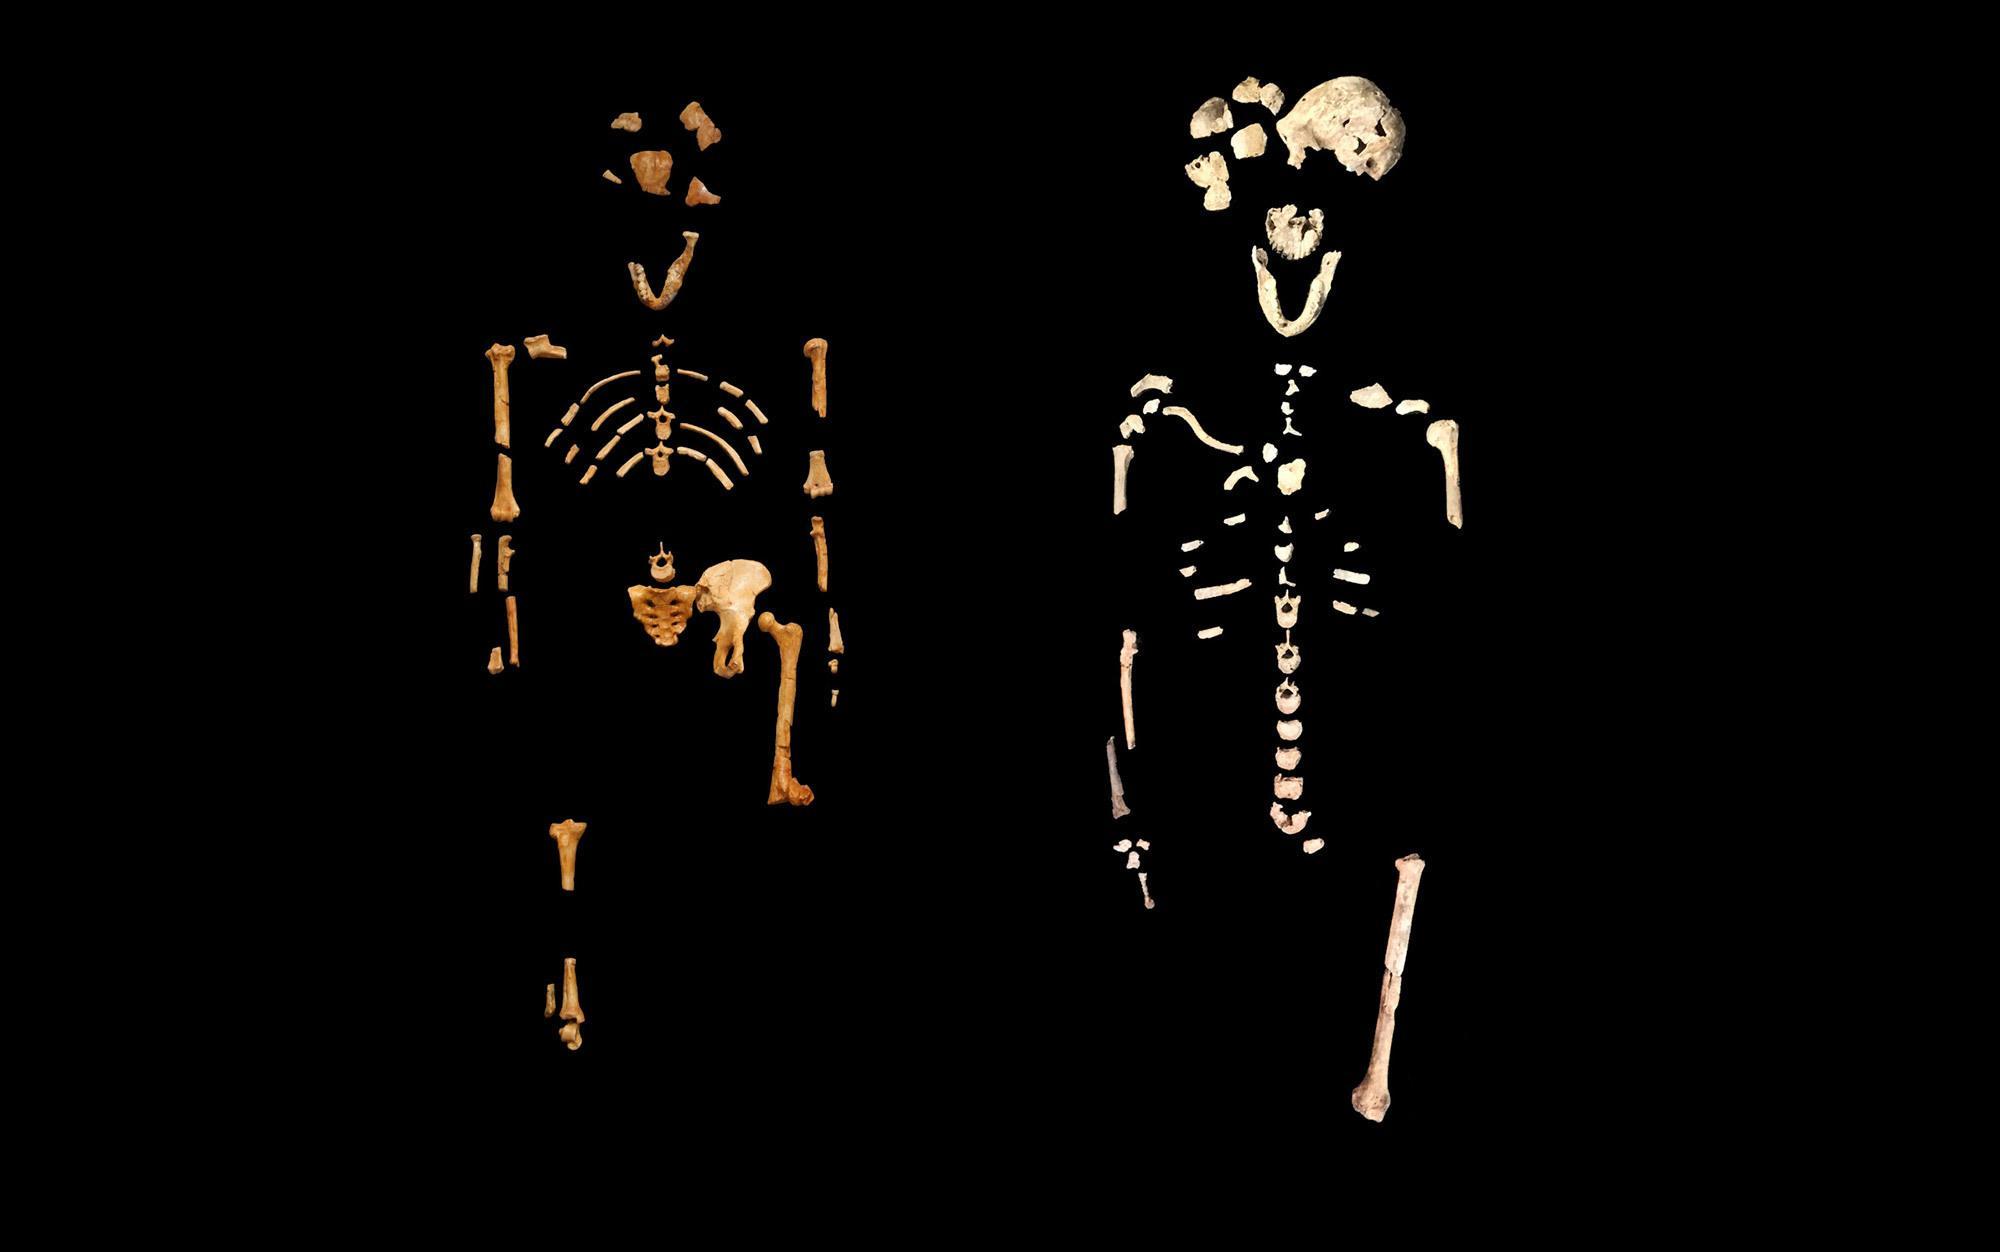 殓葬是现代人独有仪式?原始人或许早就这样做了